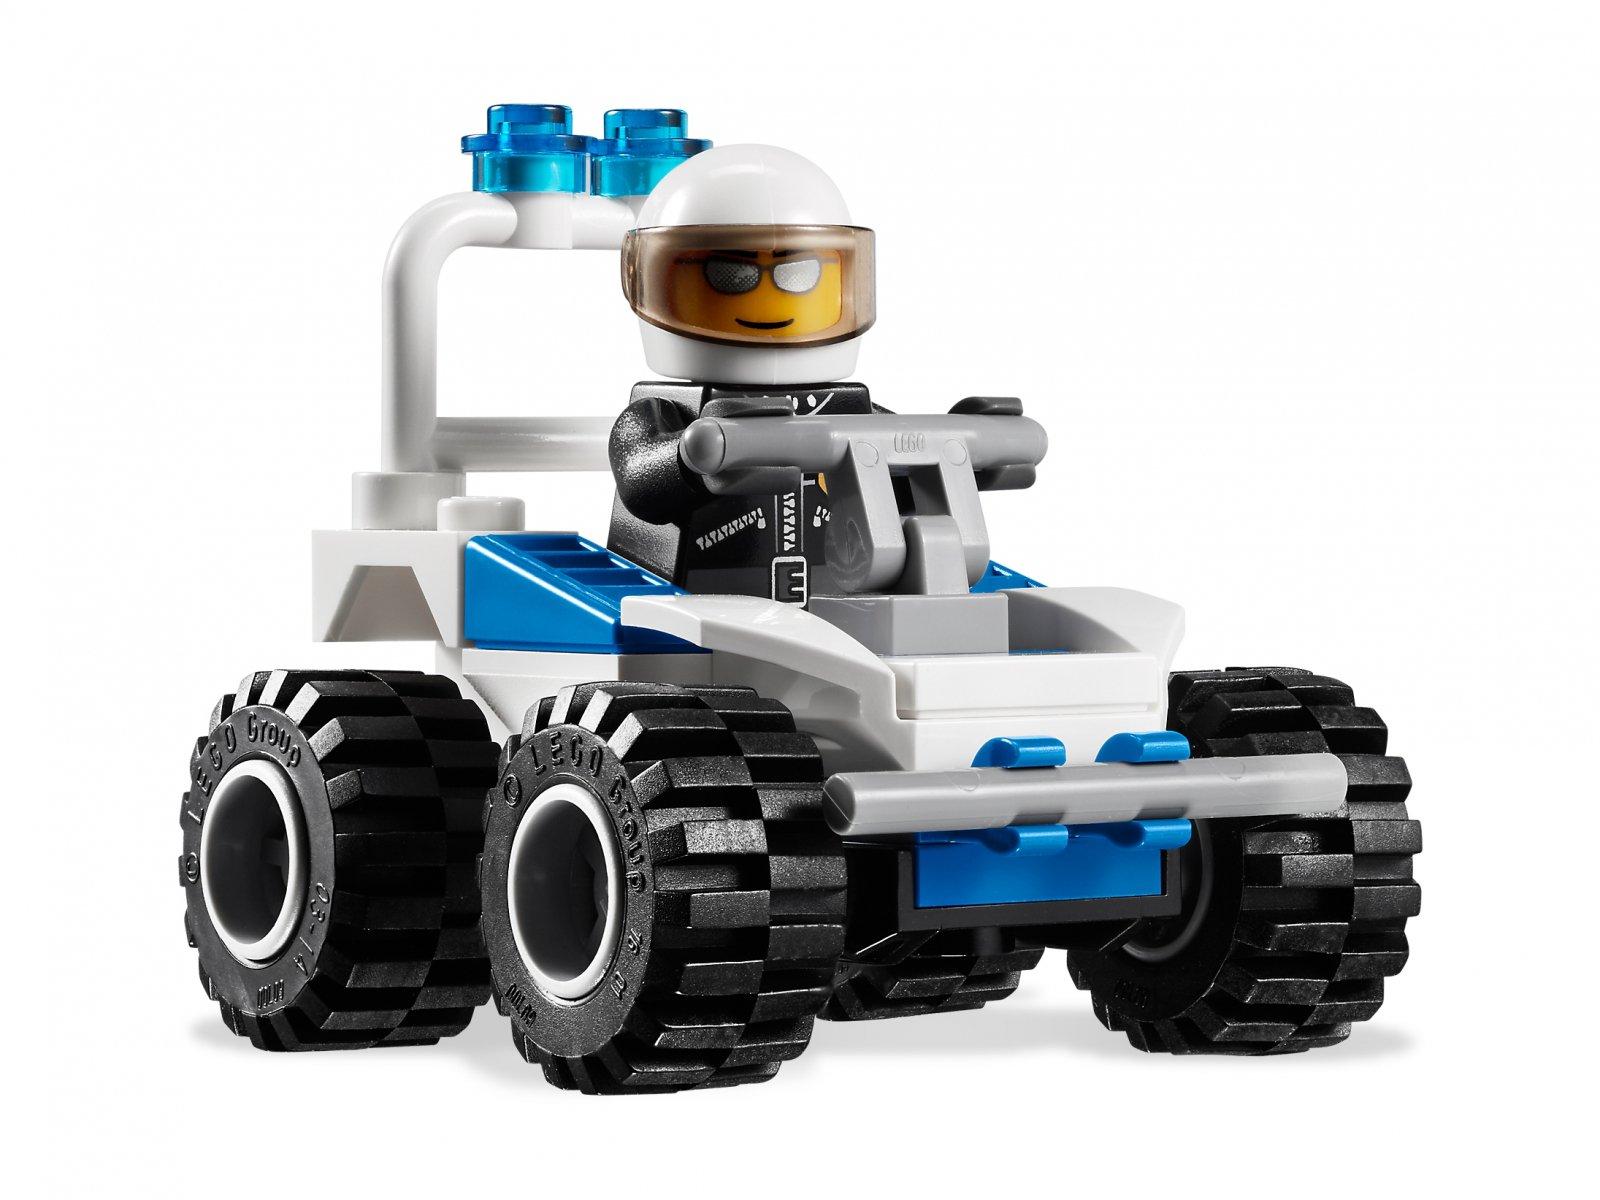 LEGO 7279 Kolekcja minifigurek policyjnych